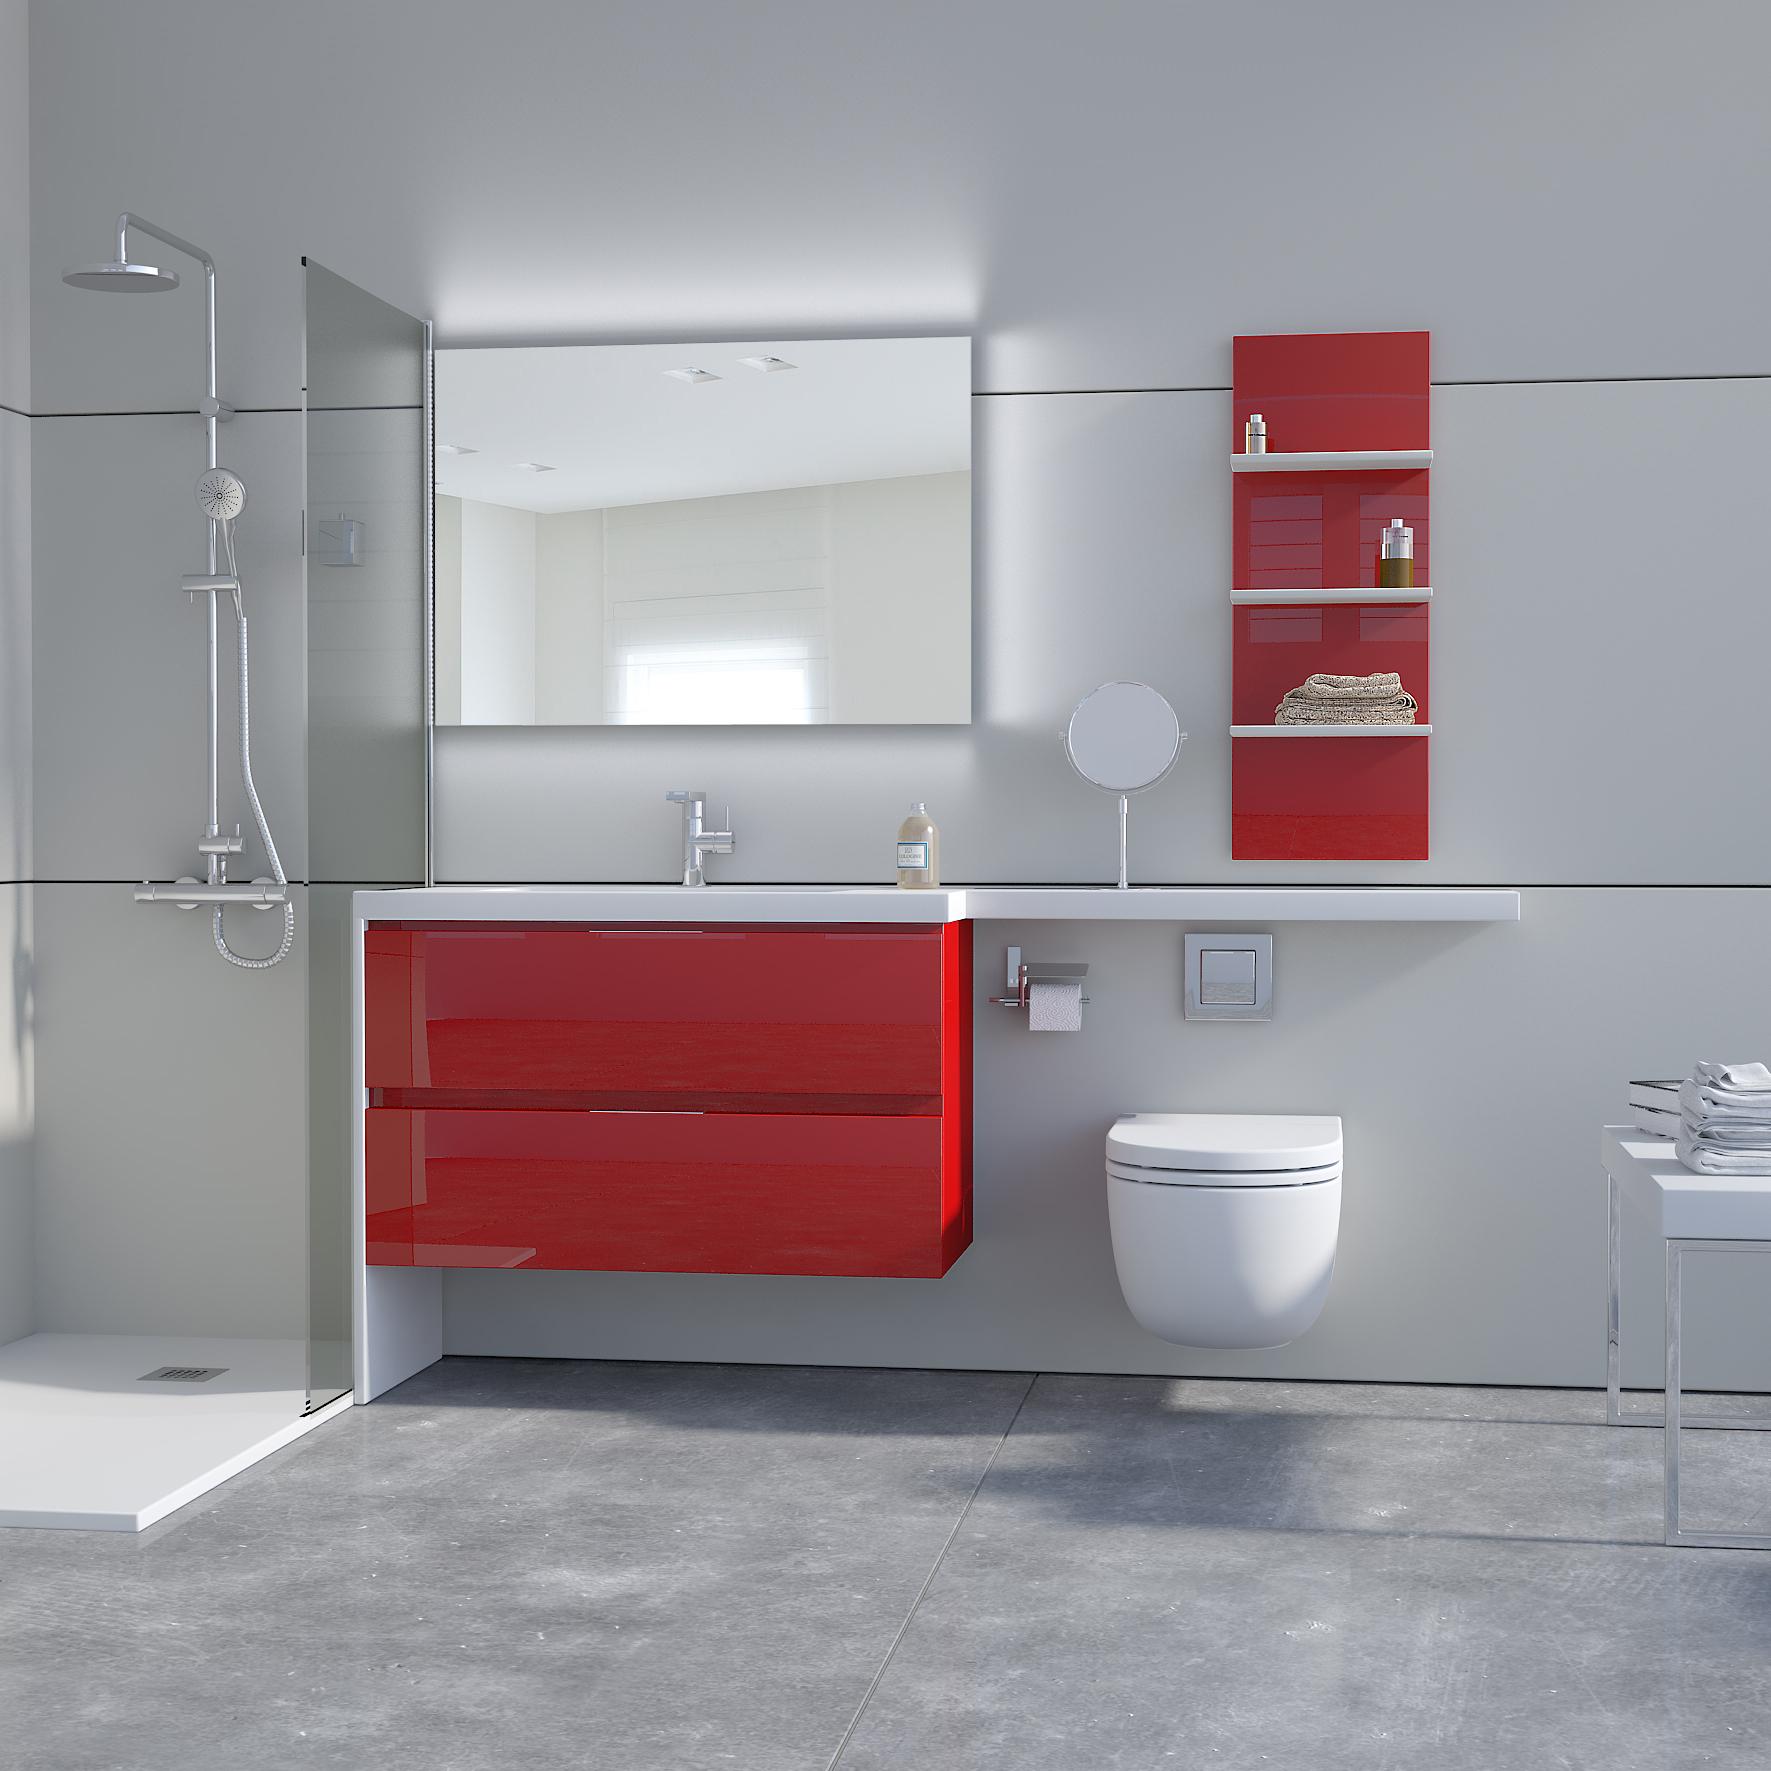 Muebles bano kyria 20170915063401 - Puertas para muebles de bano ...